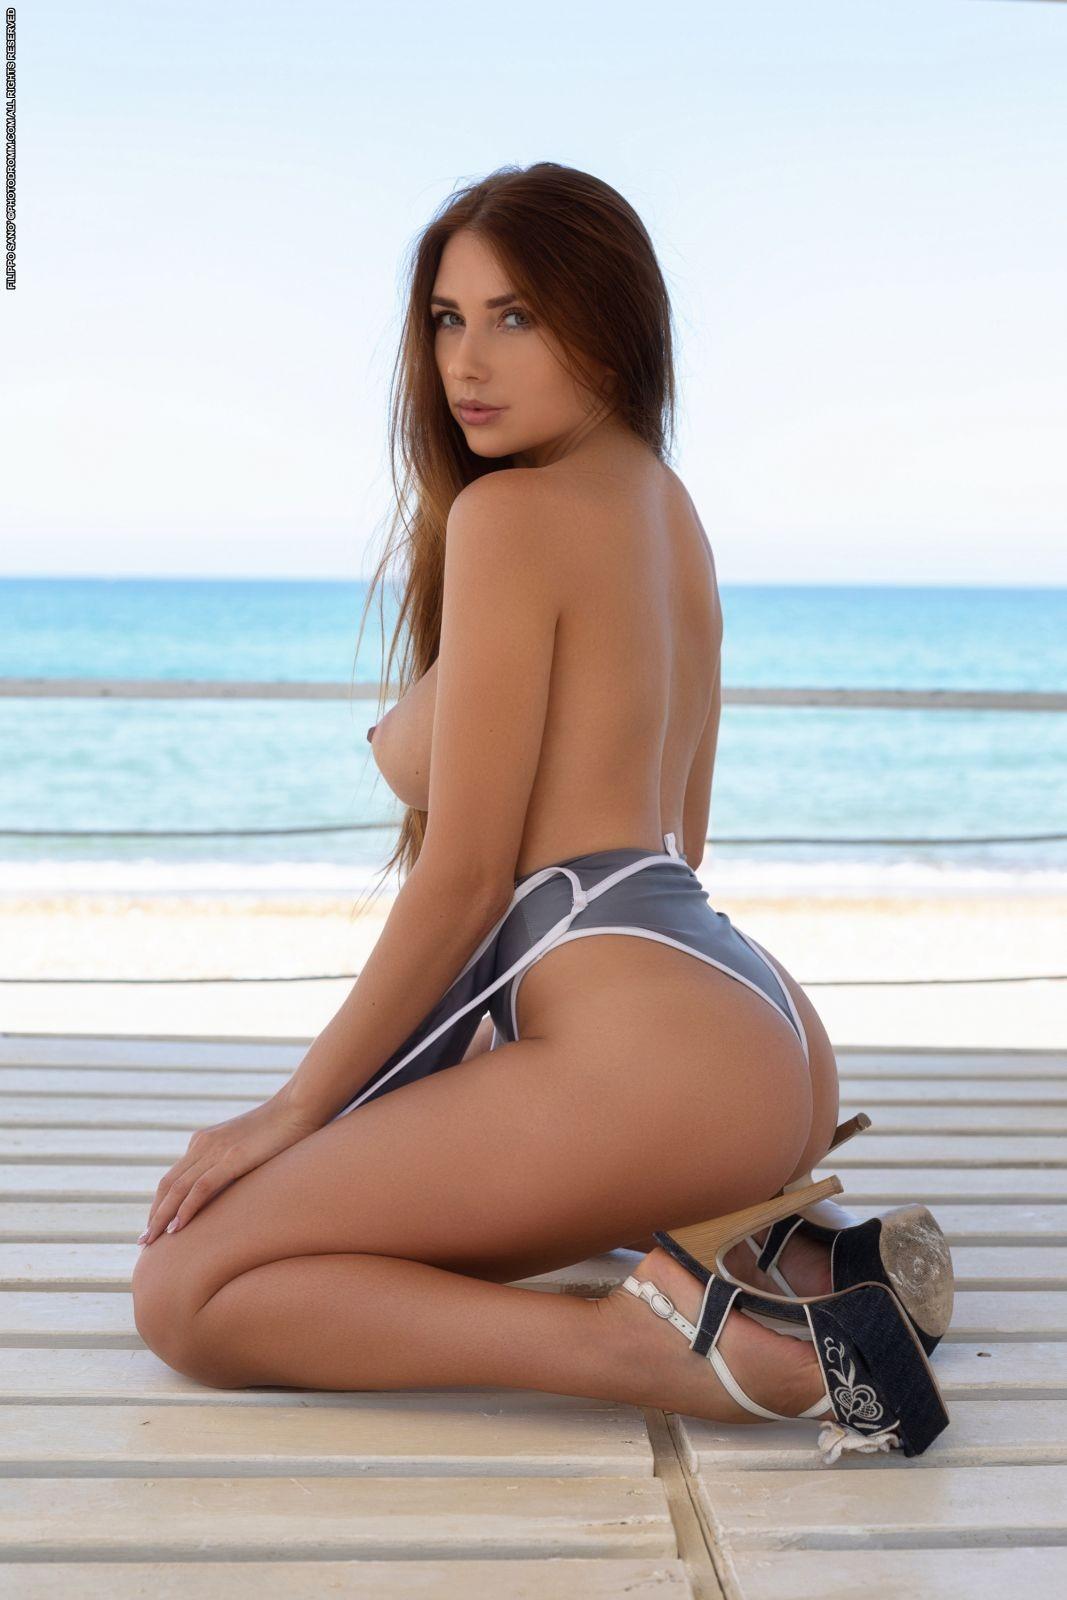 Красавица сняла купальник на побережье - фото